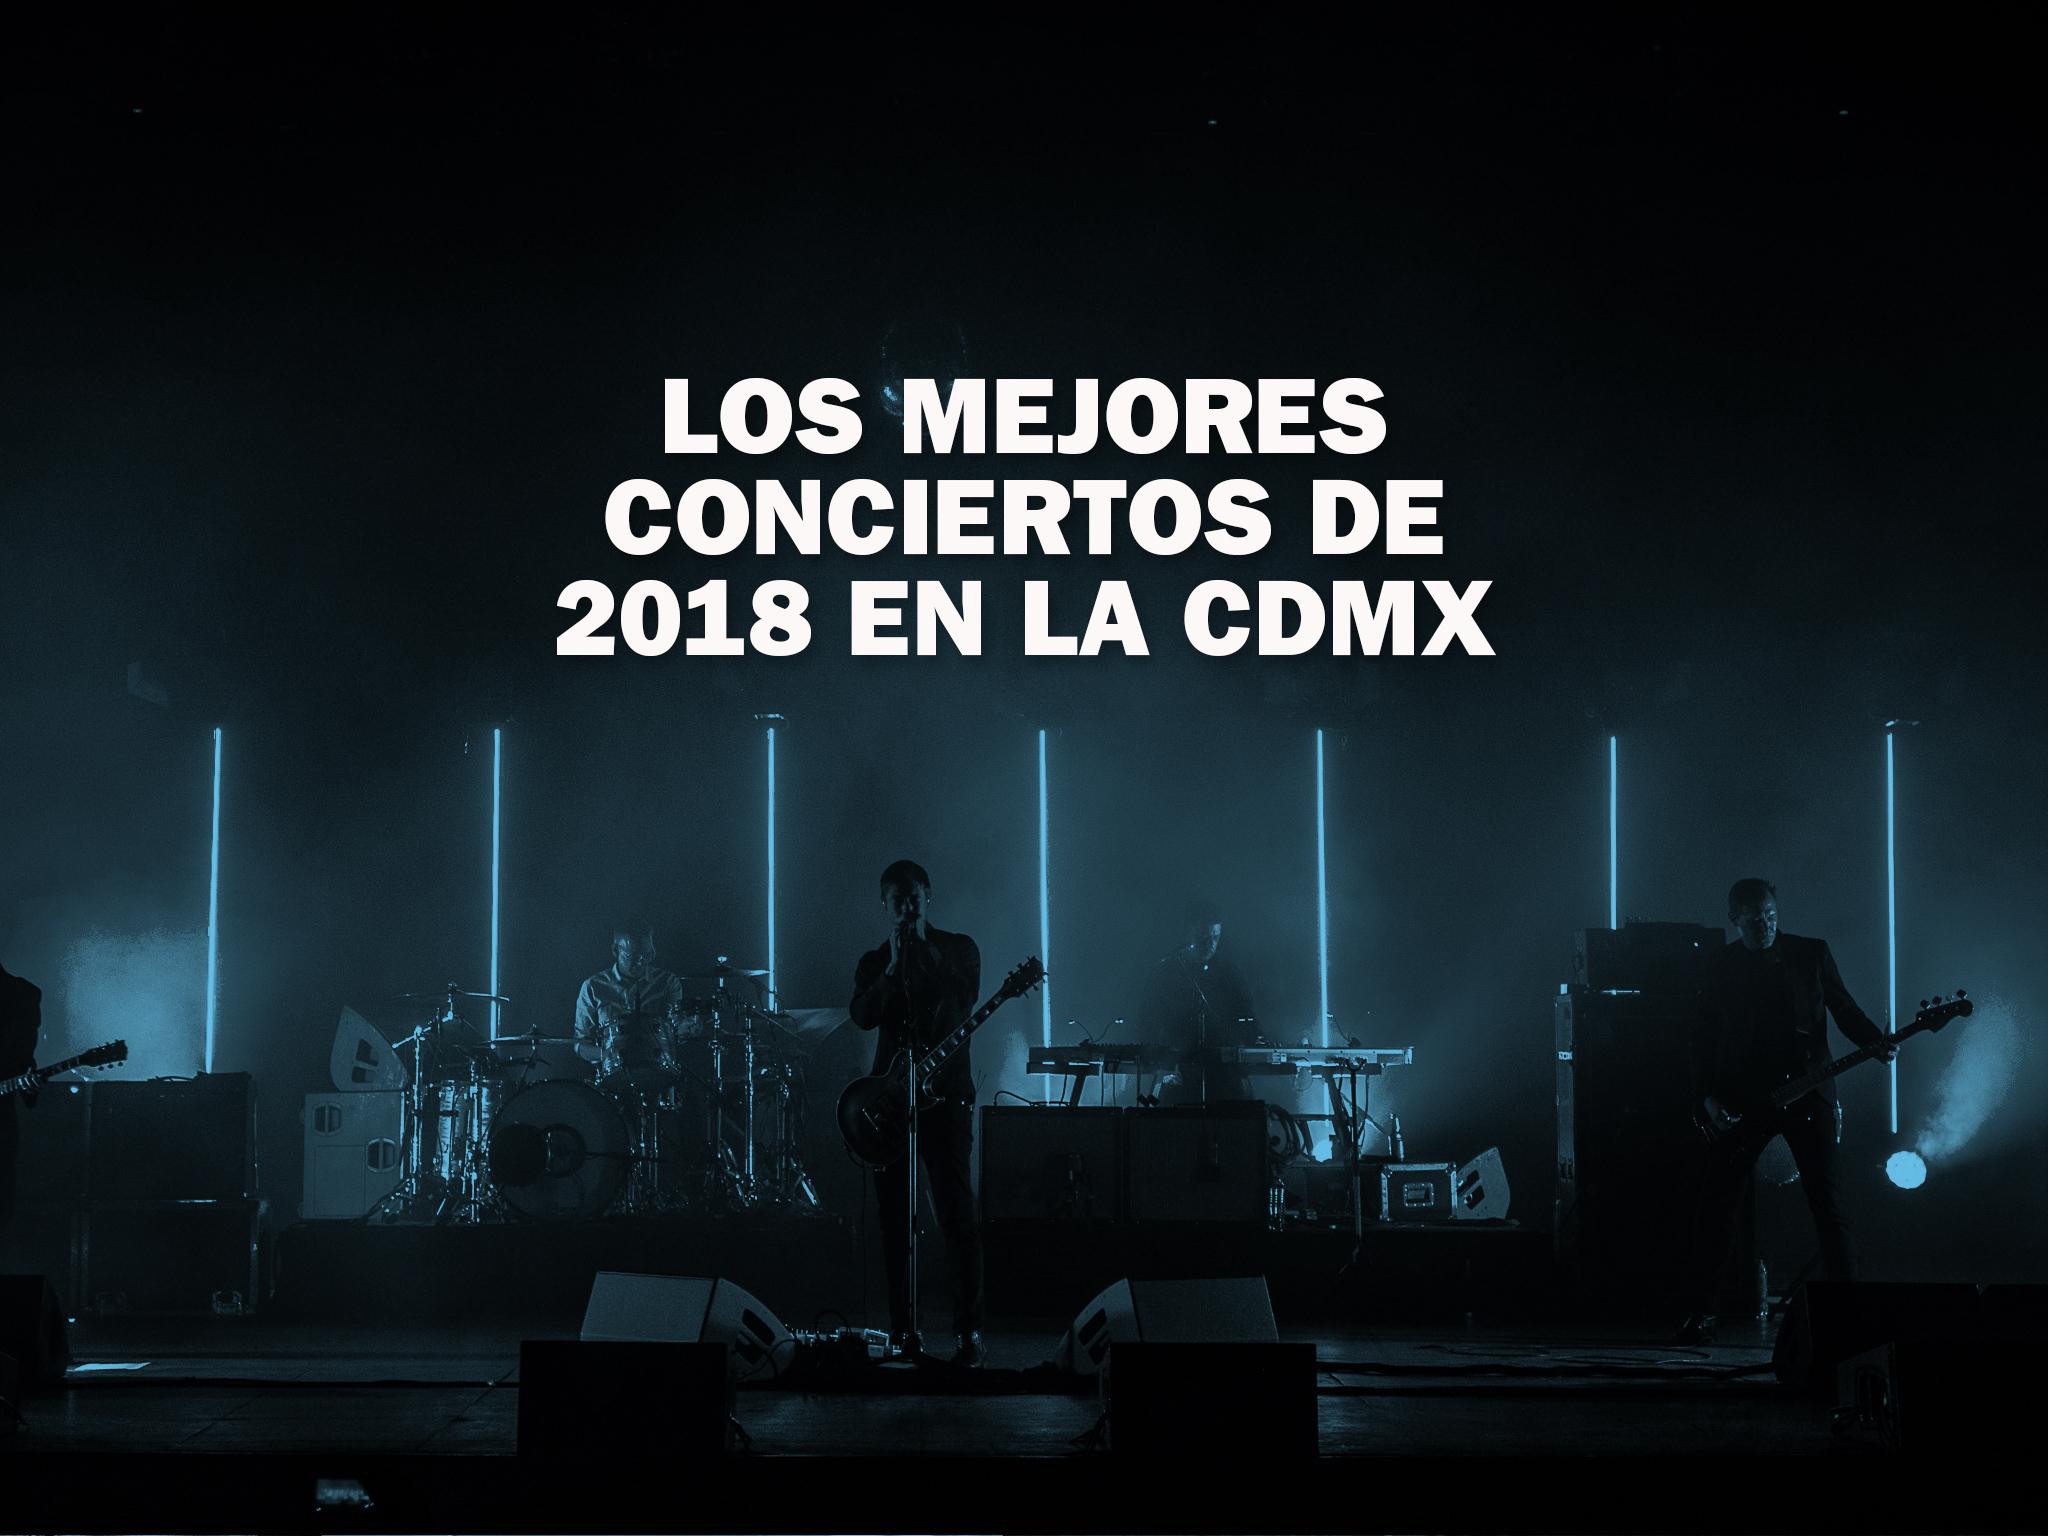 Los 20 mejores conciertos de 2018 en la CDMX